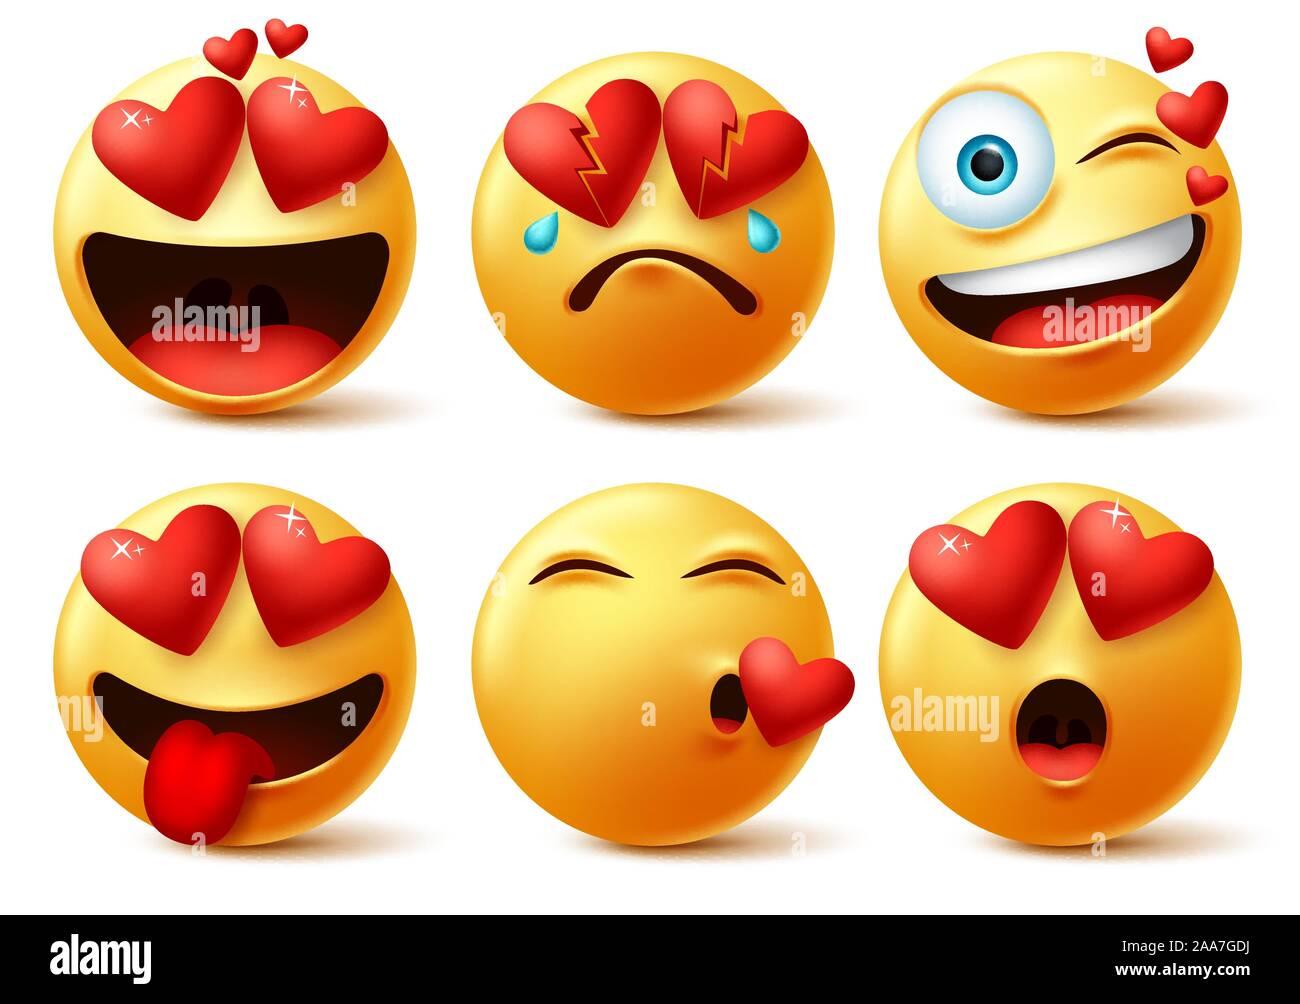 Smiley Et Emoticones Avec Emoji Vecteur Cardiaque Visages Smileys Emoticons De Cœur Rouge Avec Dans L Amour Cassees Embrasser Surprise Et Funny Cute Image Vectorielle Stock Alamy